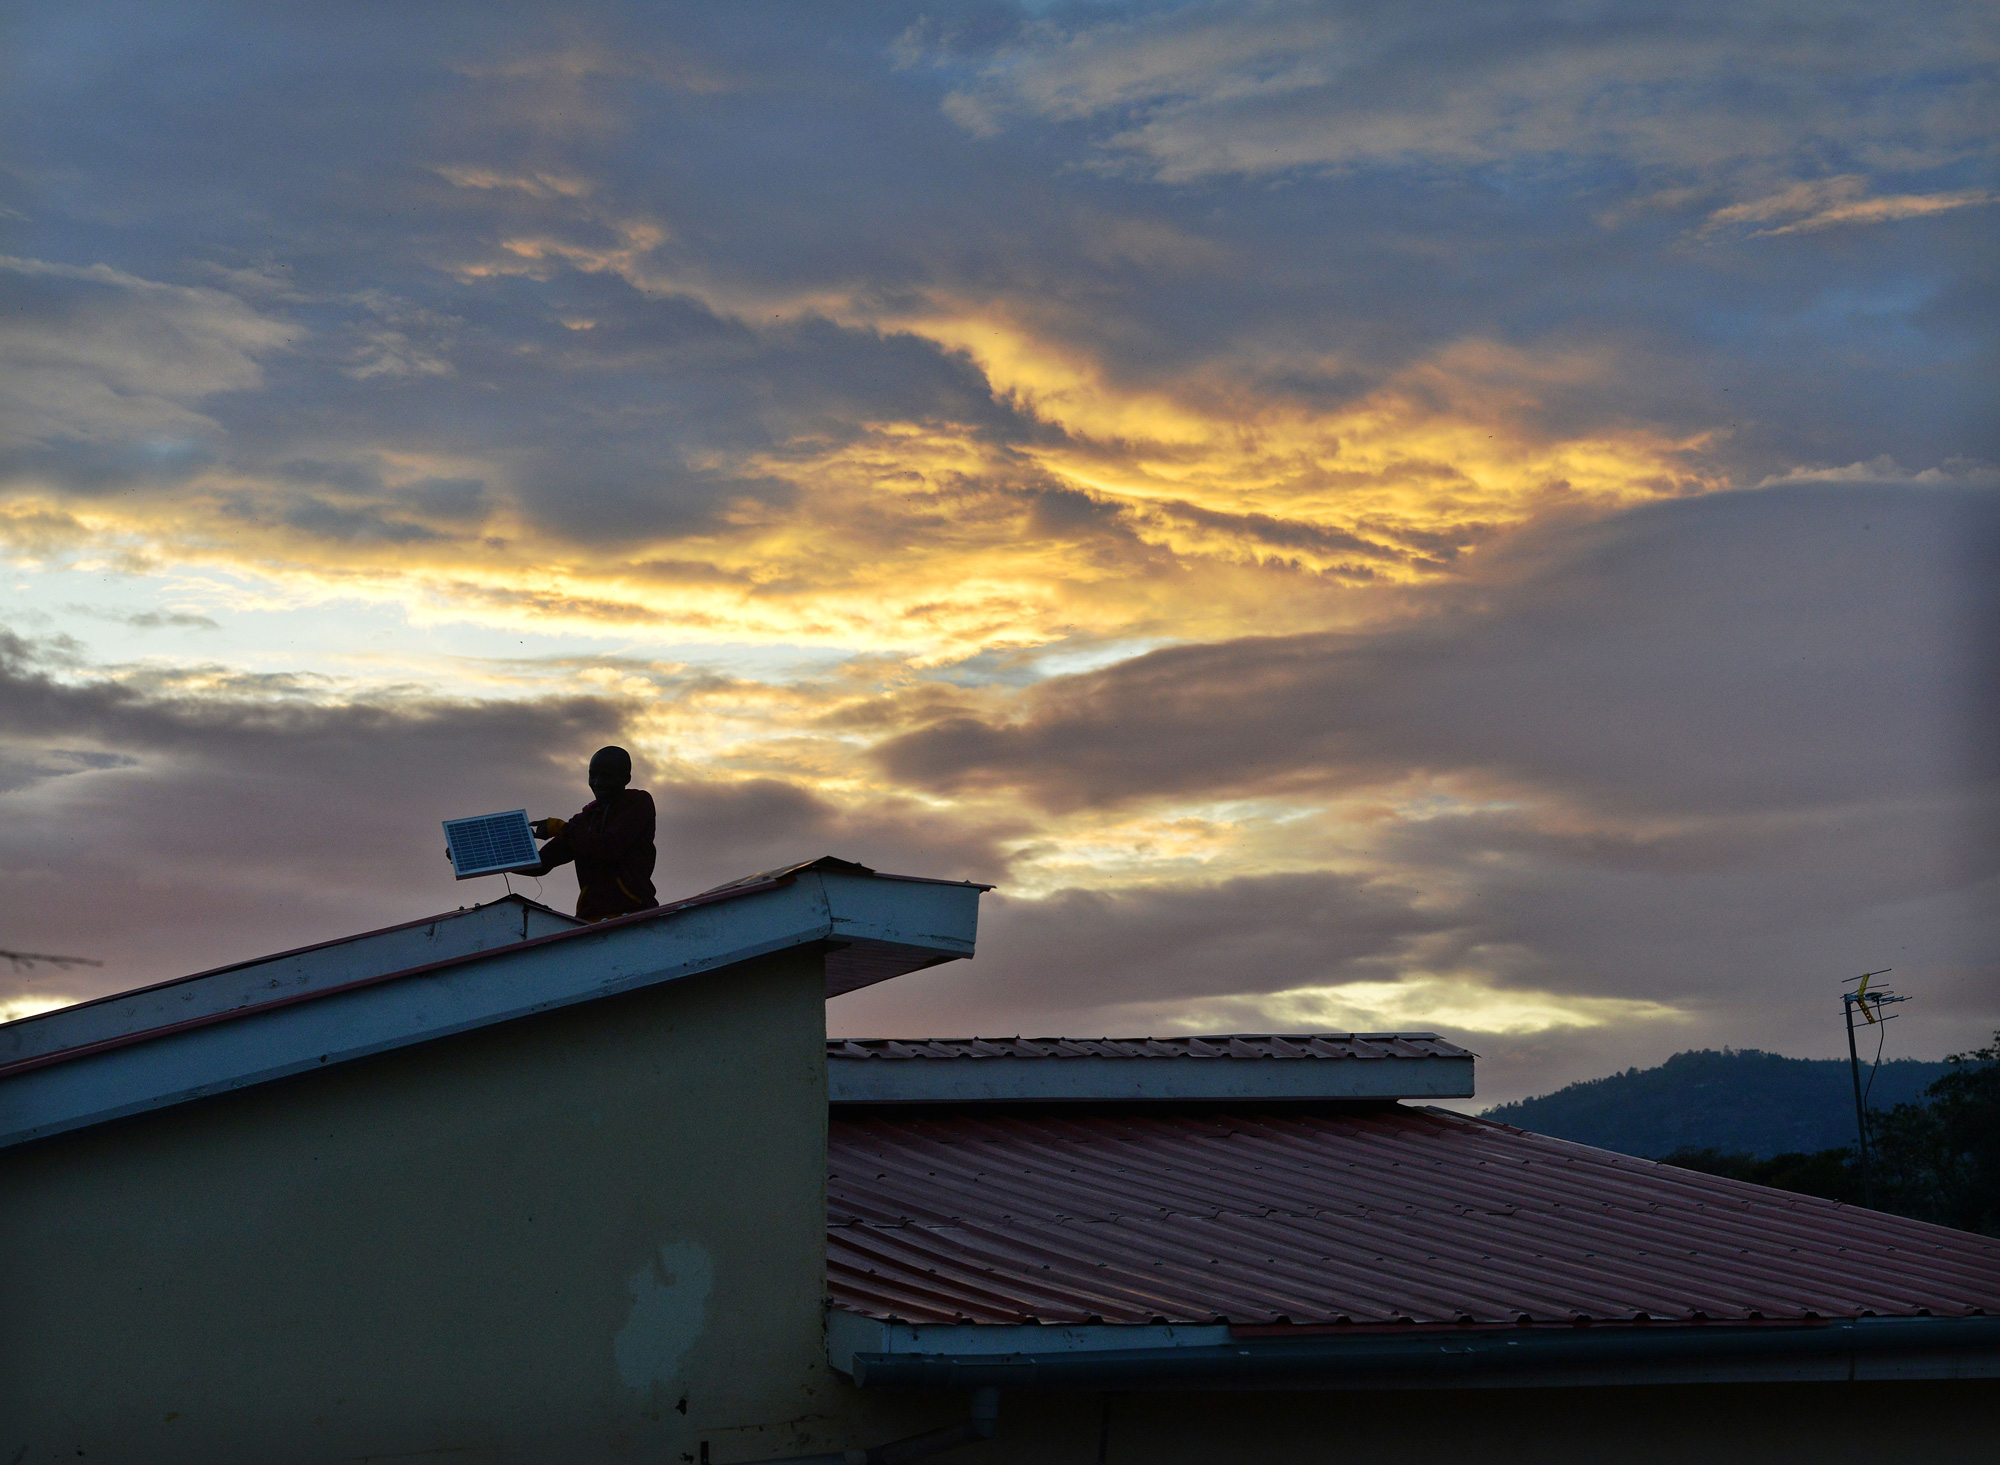 冷蔵庫は使えないが電灯とテレビが使える家庭がアフリカで急増中